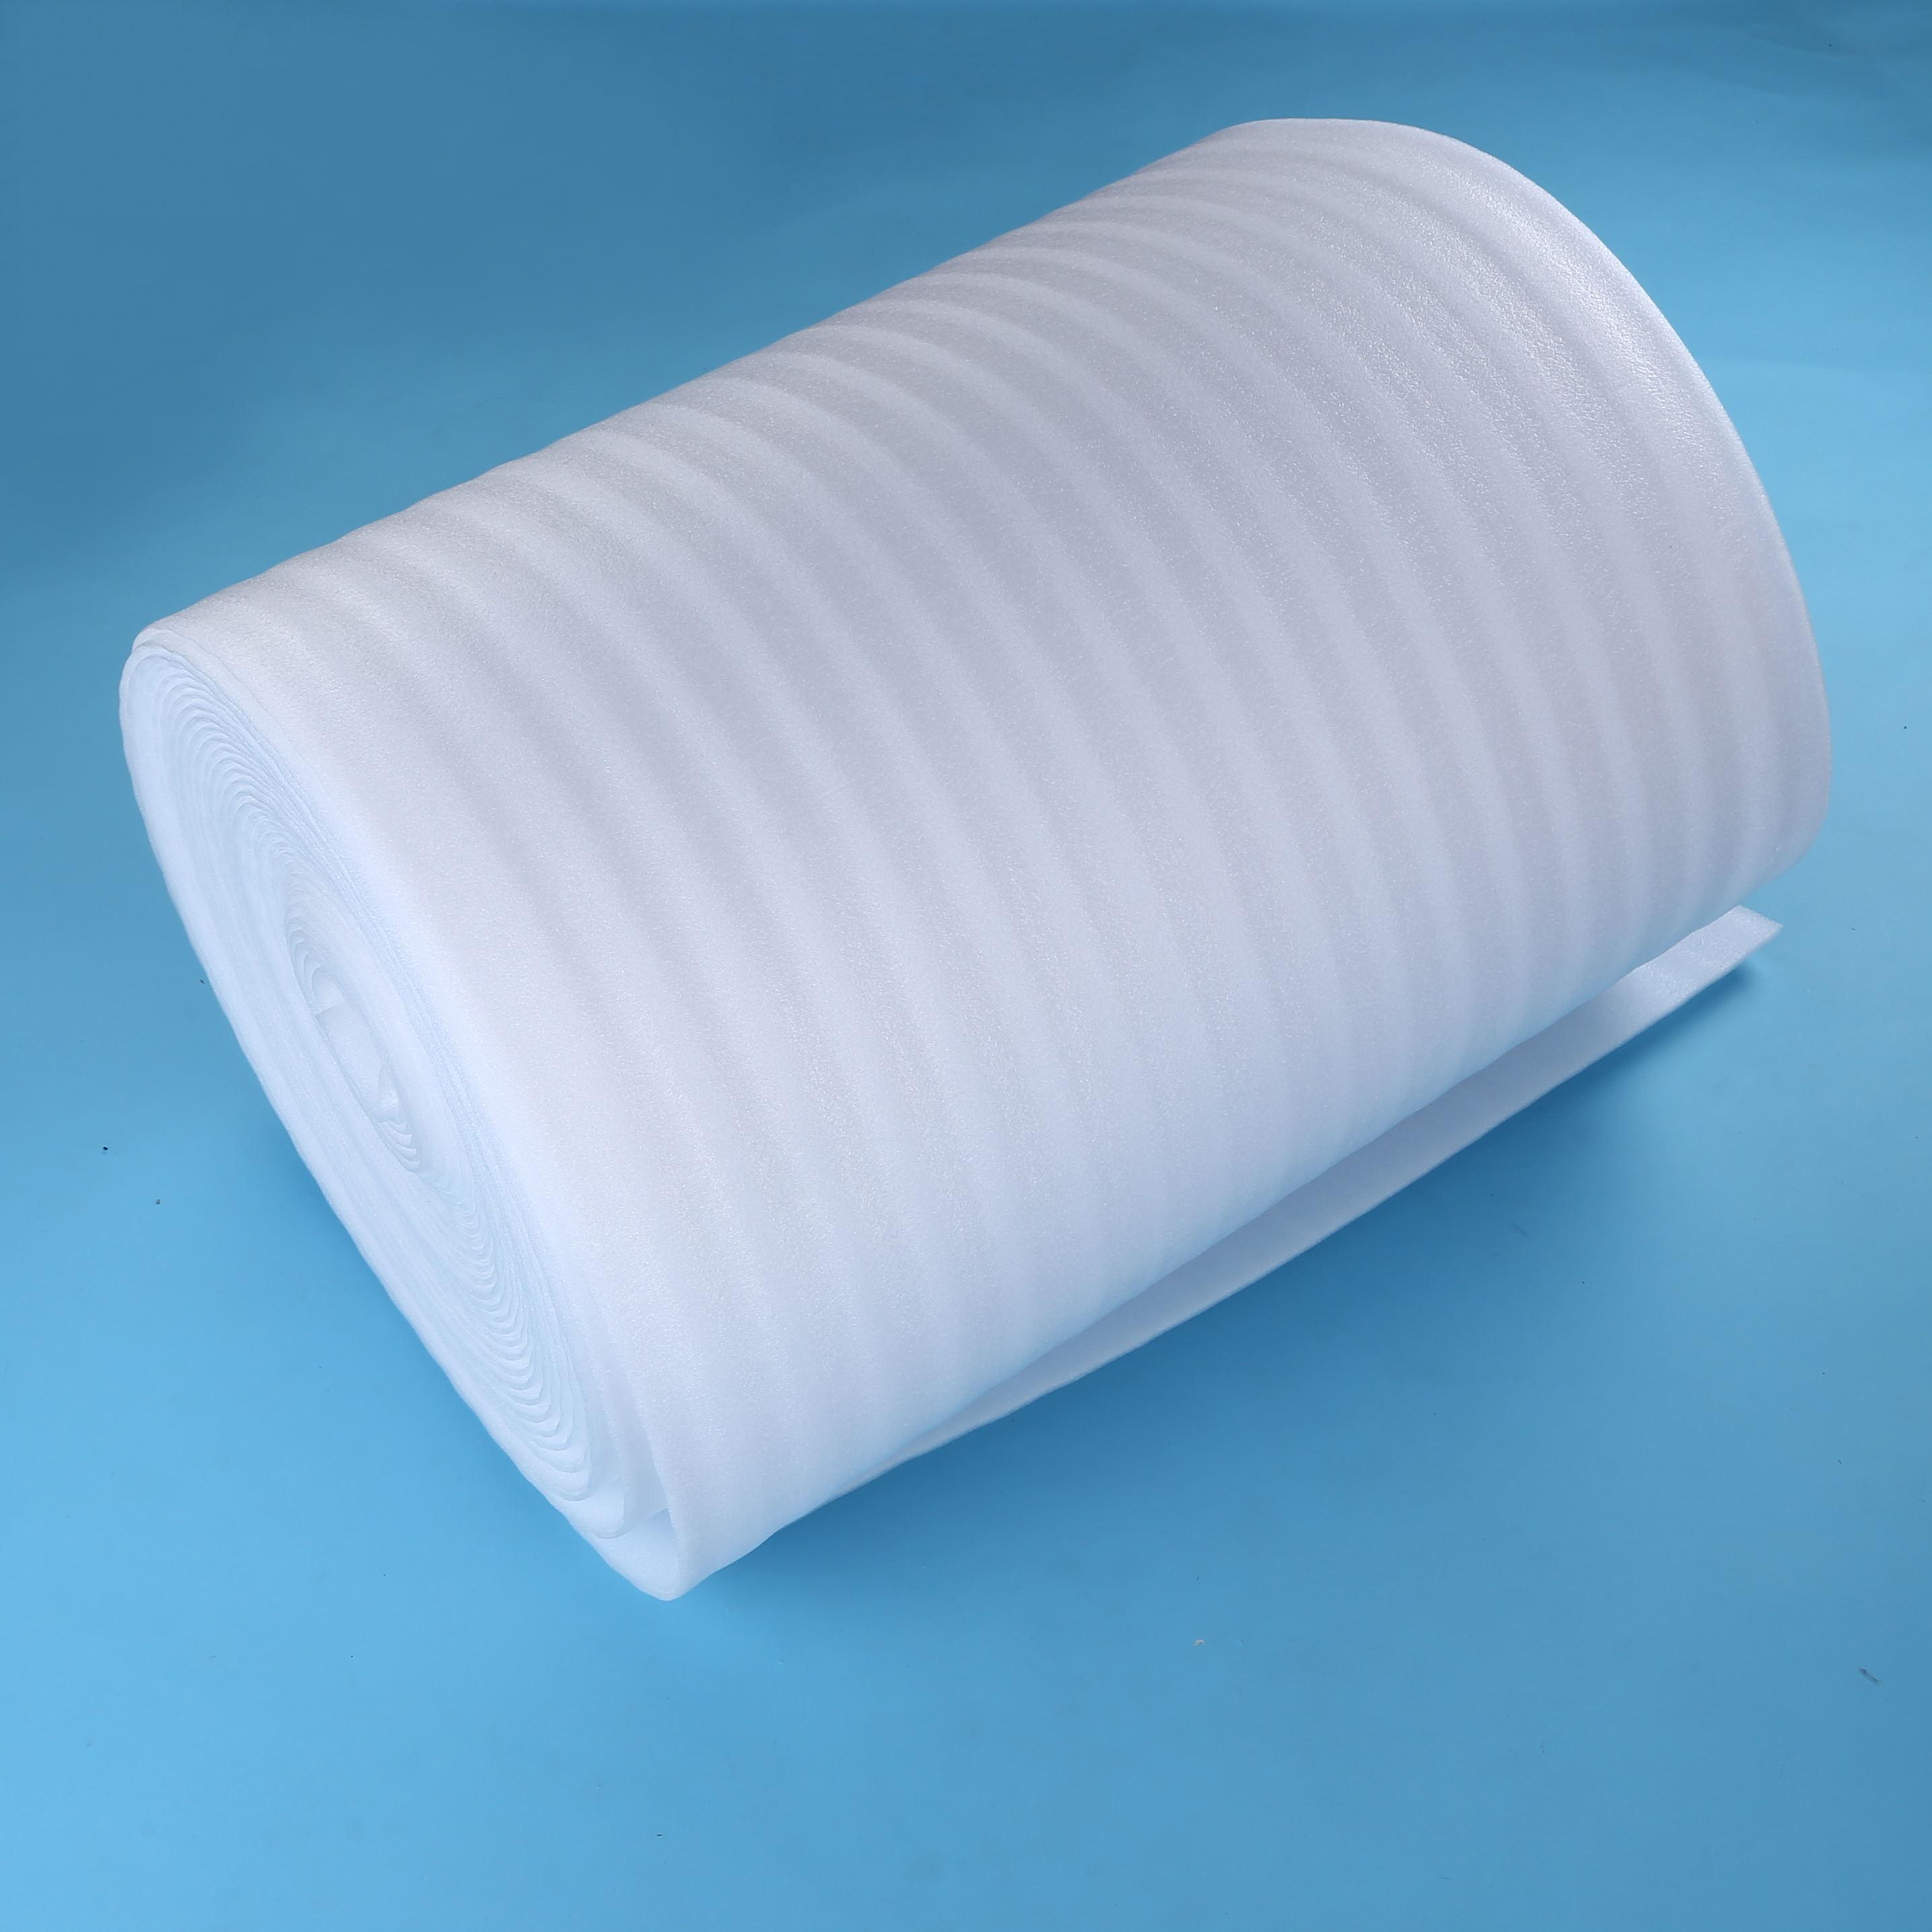 惠州珍珠棉∣惠城区珍珠棉∣博罗县珍珠棉-惠州市欣创瑞包装制品有限公司